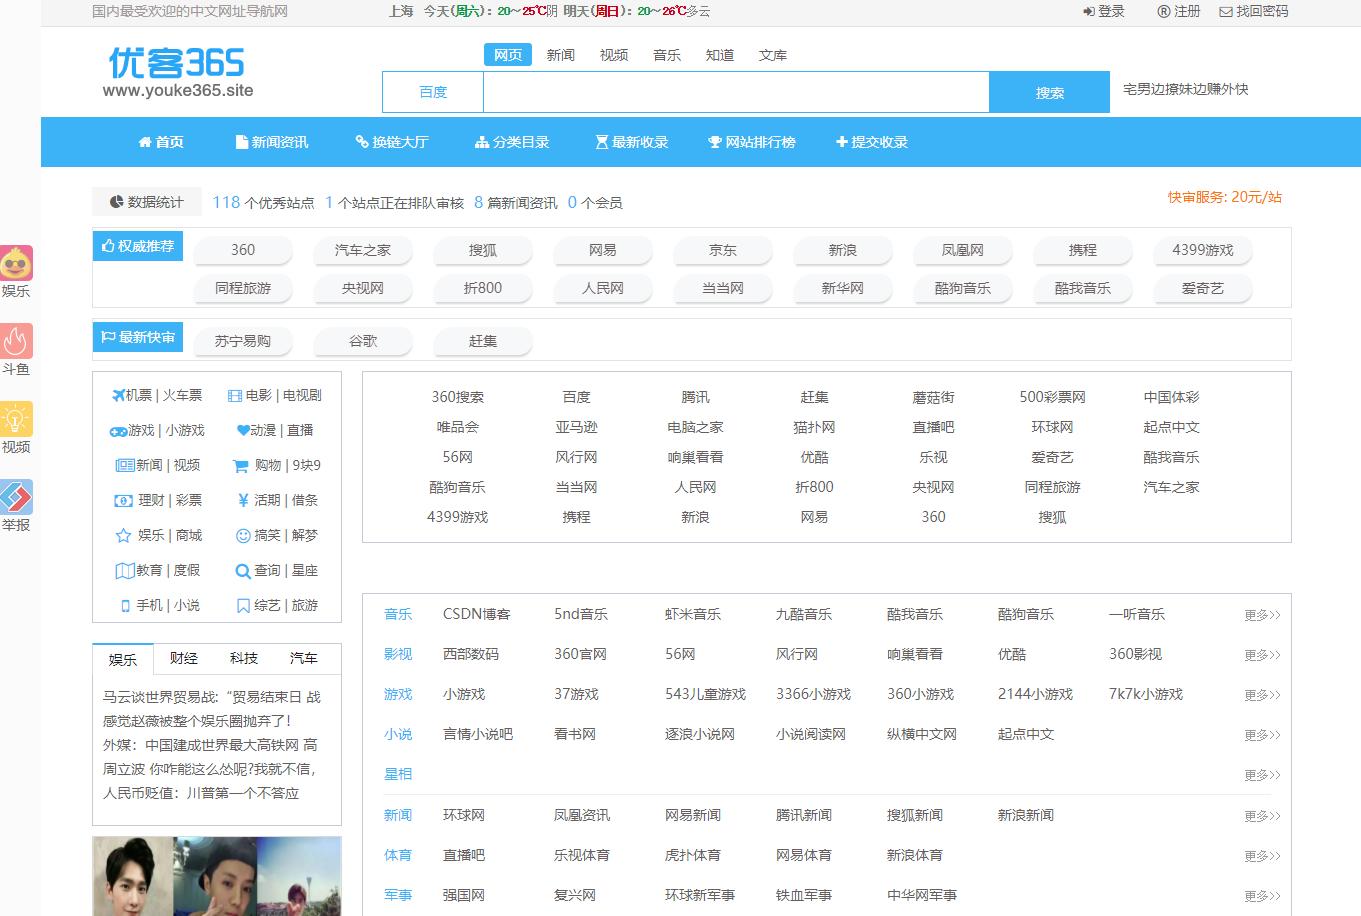 优客365网站导航系统|网址分类目录网站源码开源版